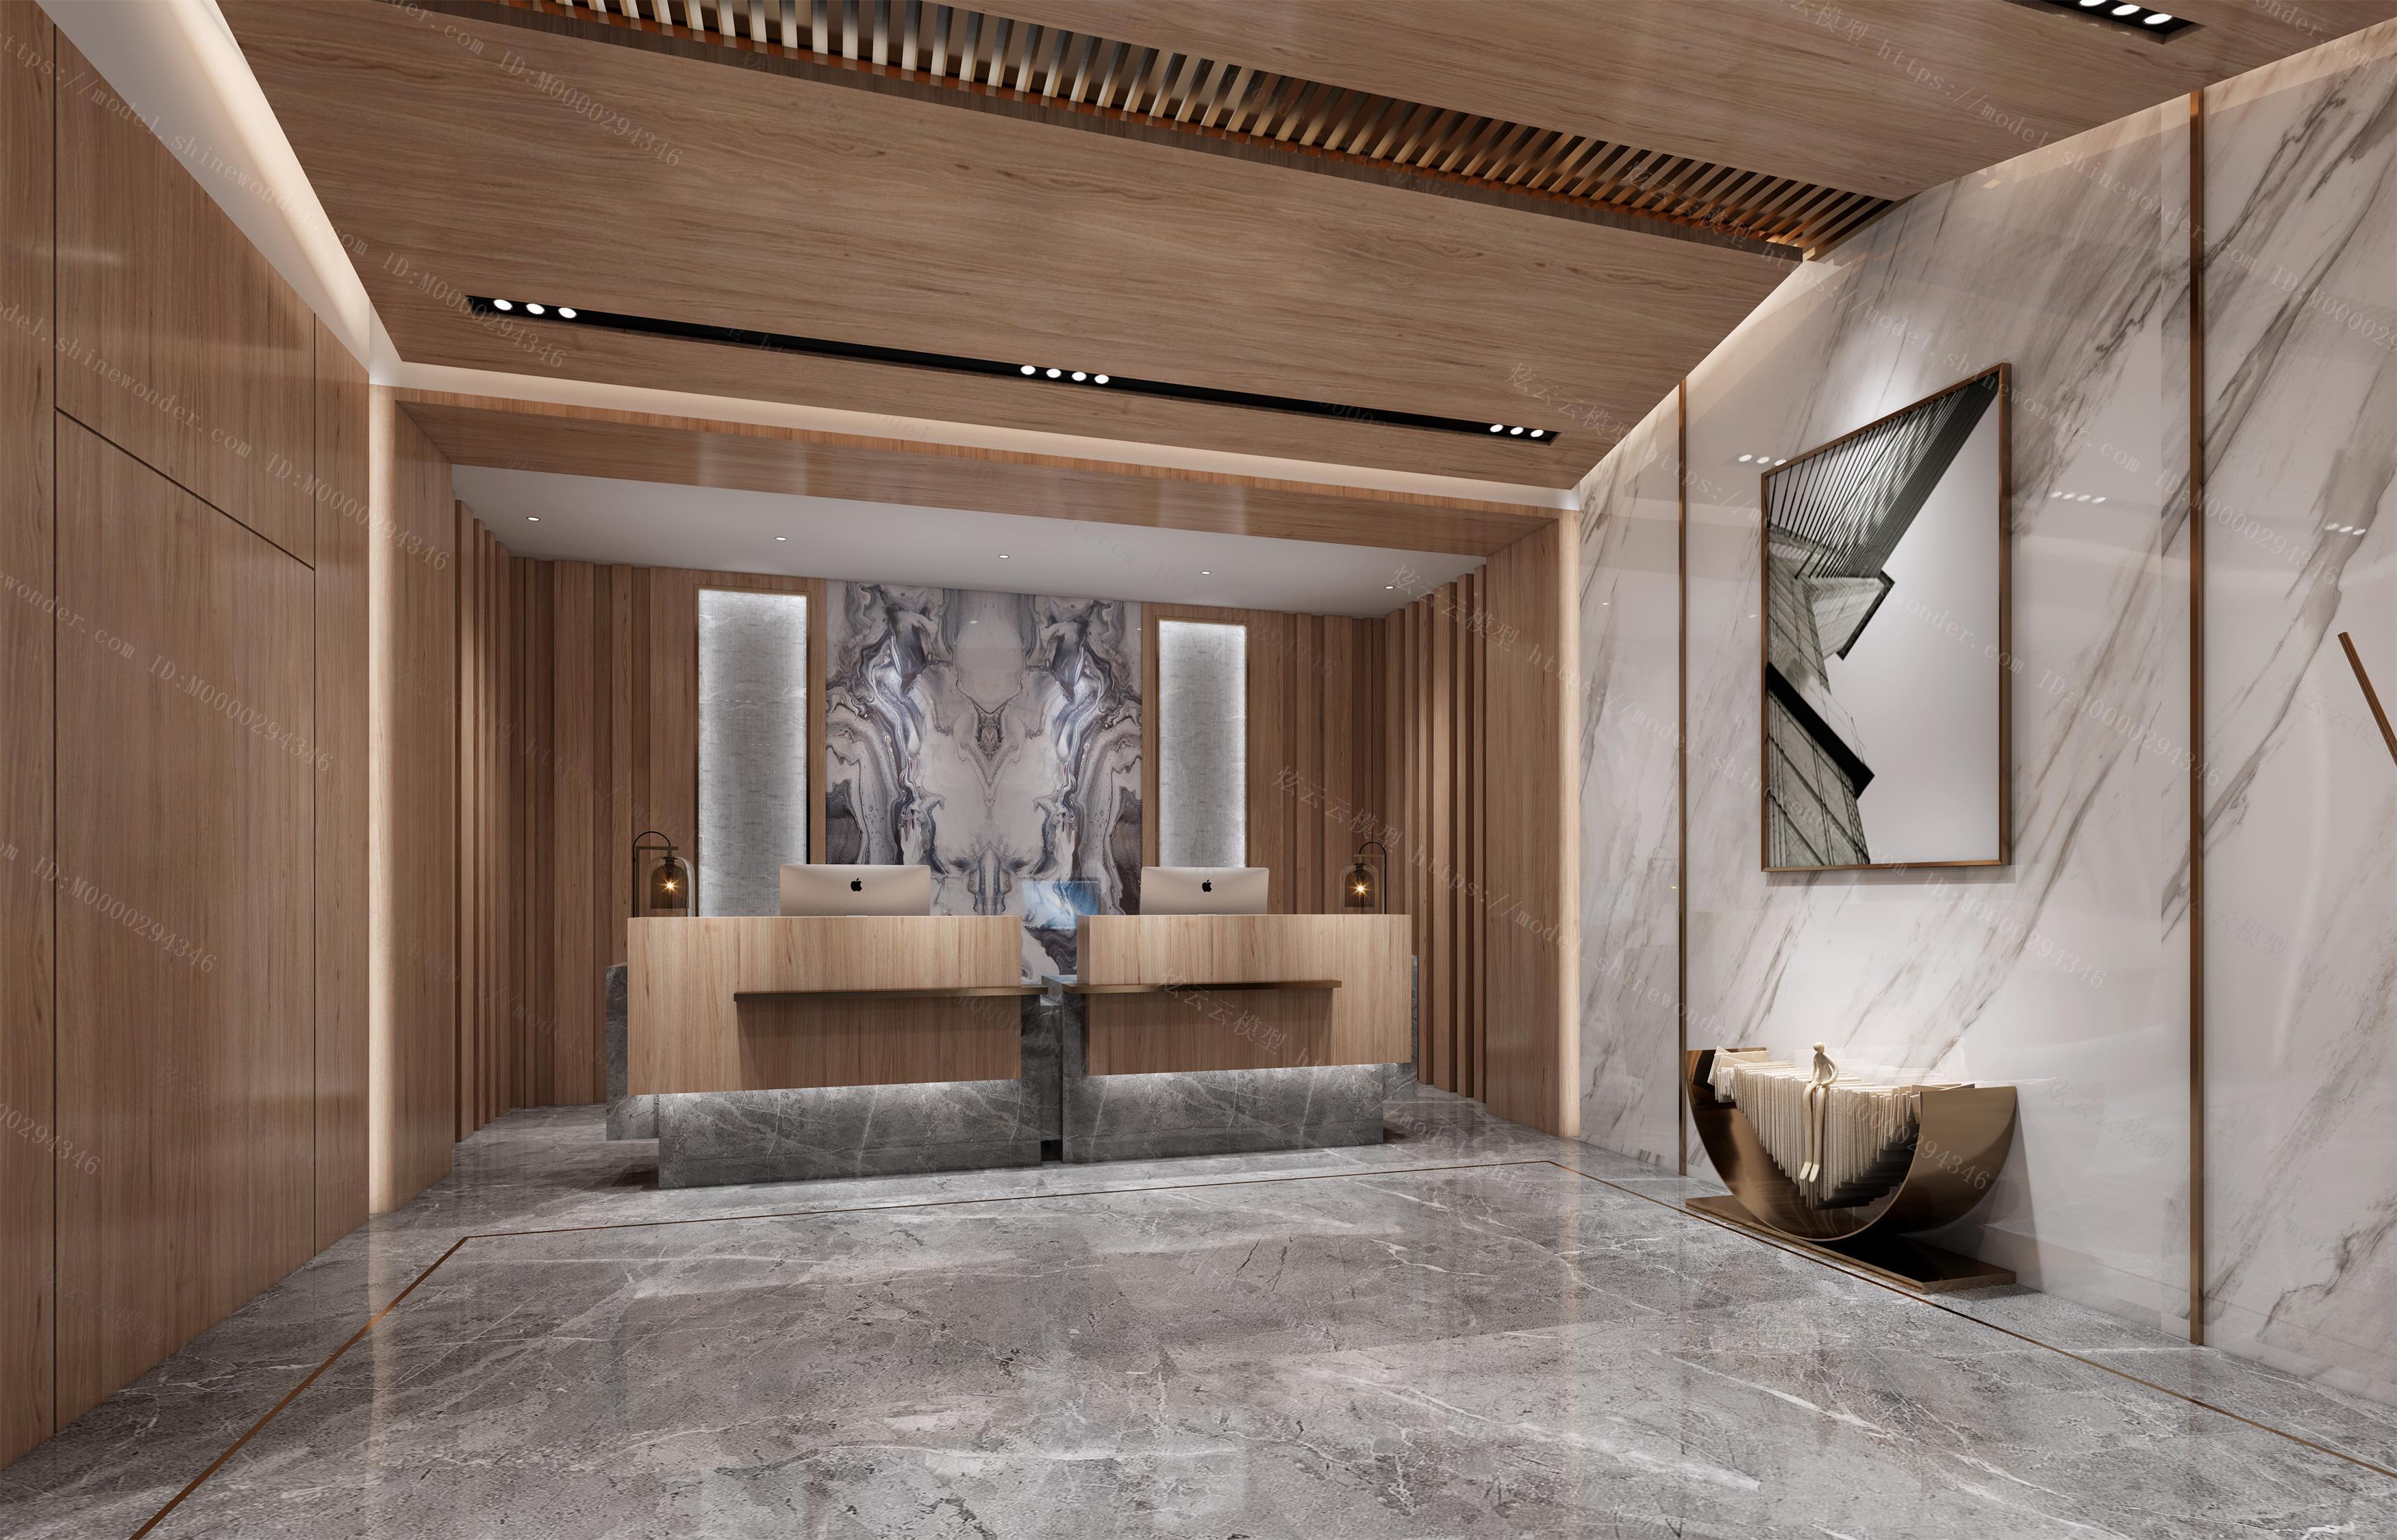 现代酒店大厅模型